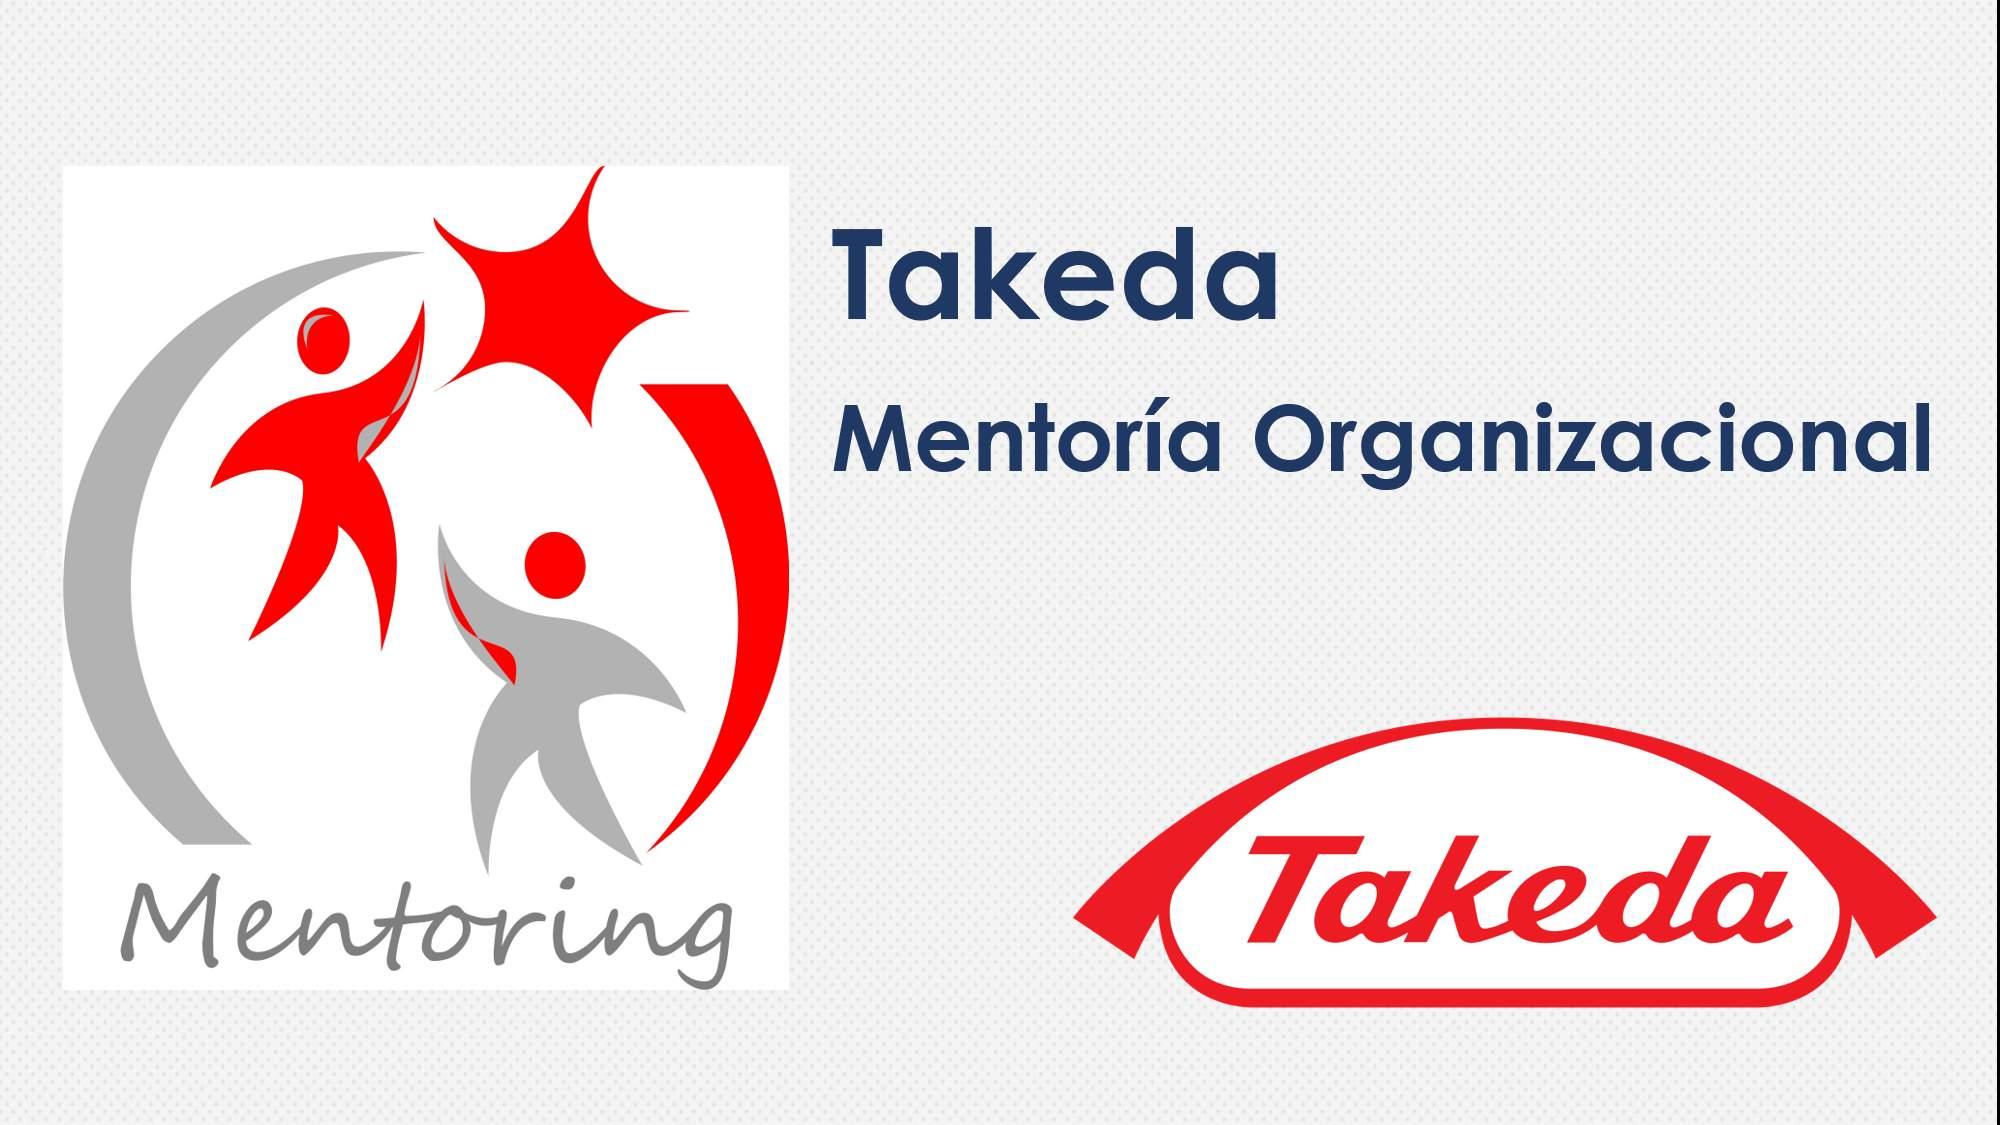 Takeda Mentoría Organizacional